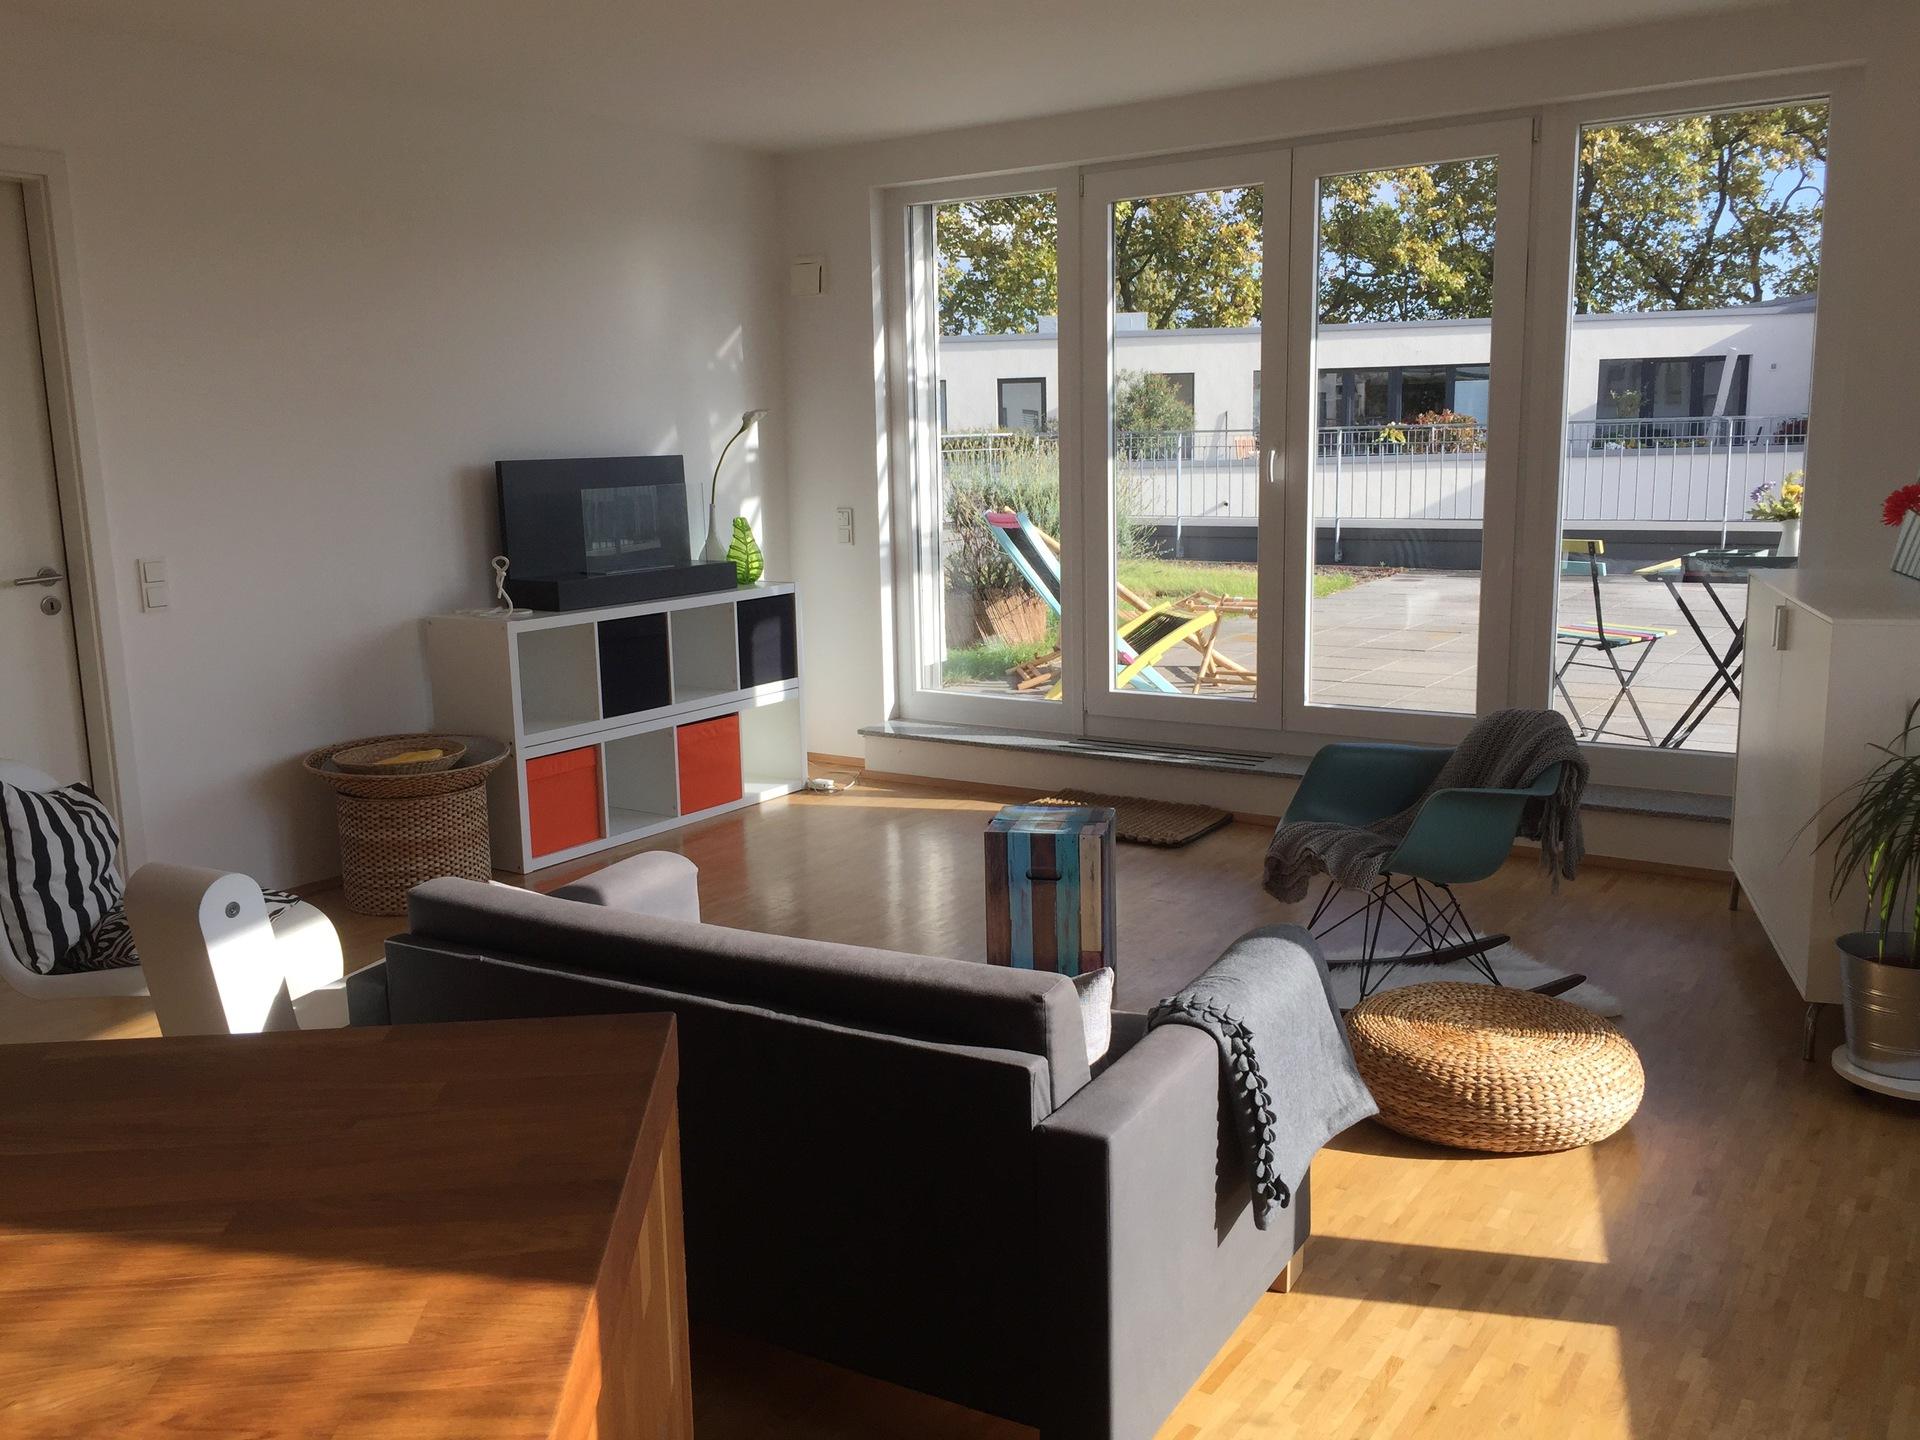 offenes wohnzimmer offenes wohnzimmer hifi bildergalerie. Black Bedroom Furniture Sets. Home Design Ideas